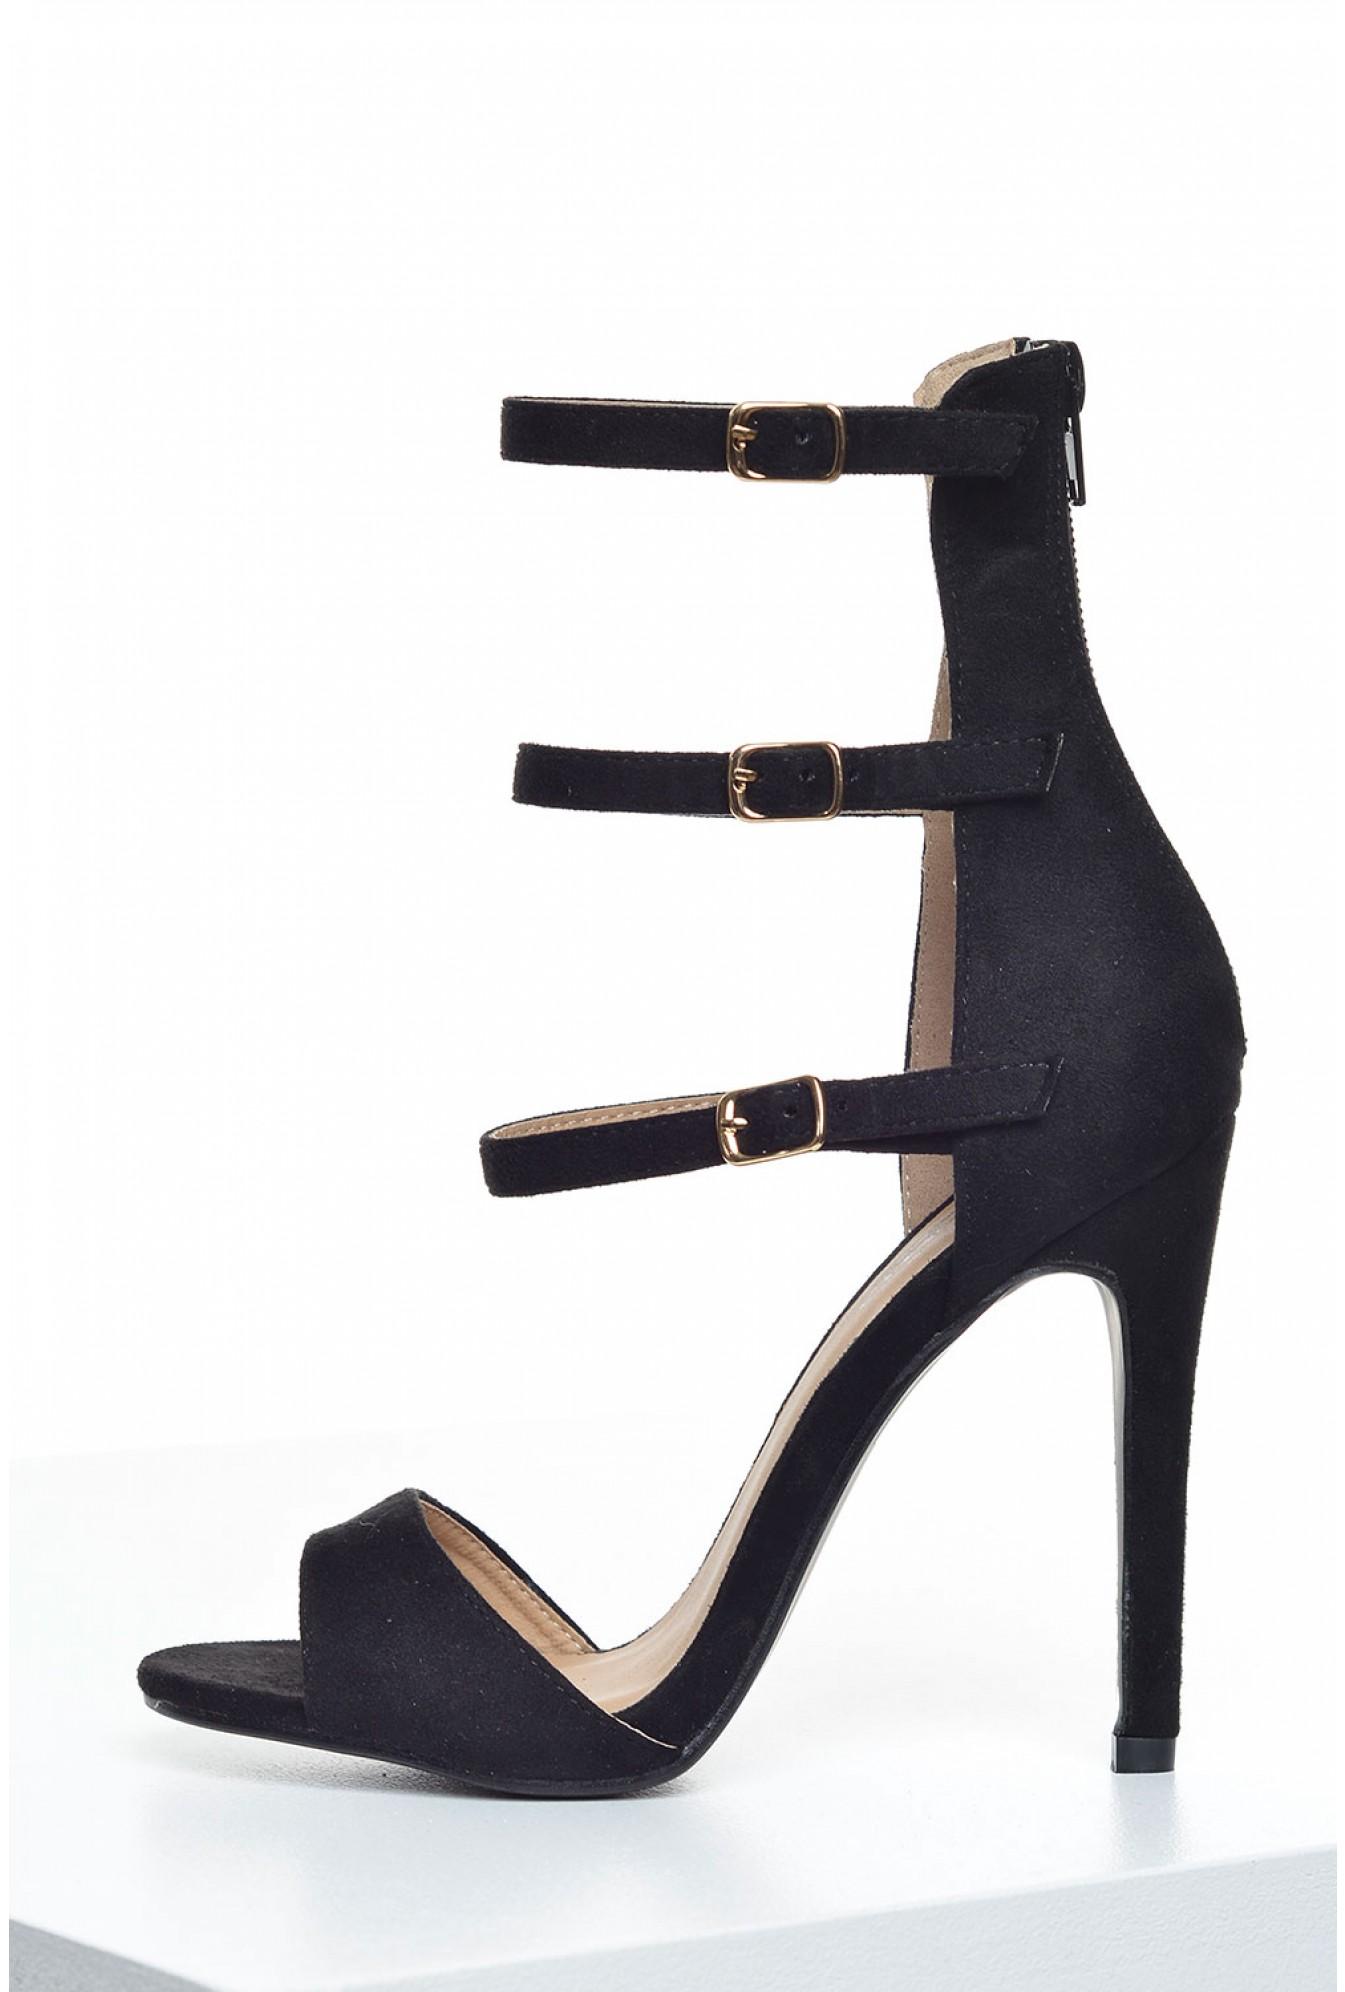 b26505666d7 Indigo Footwear Pricilla Ankle Strap Sandals in Black Suede